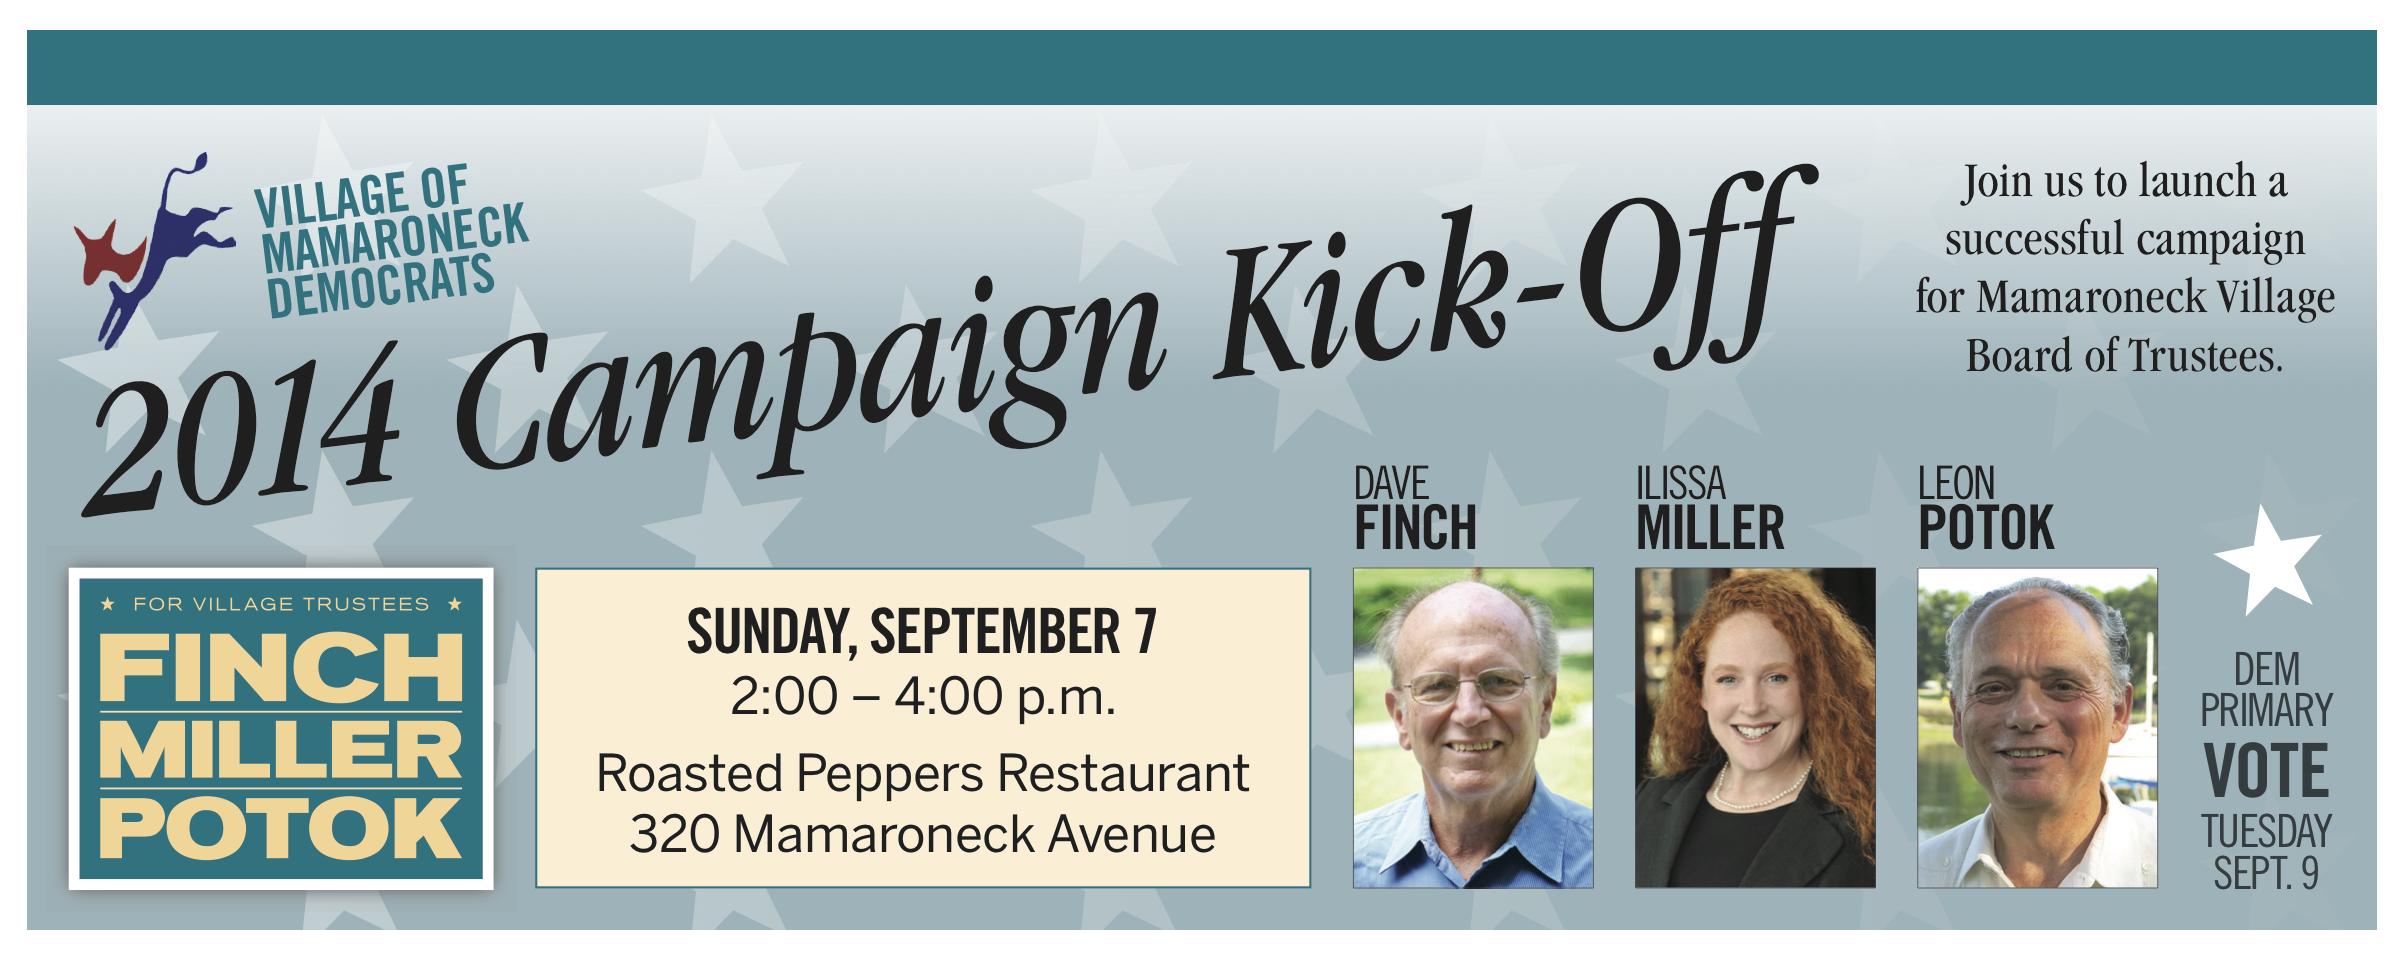 campaign-kickoff.png